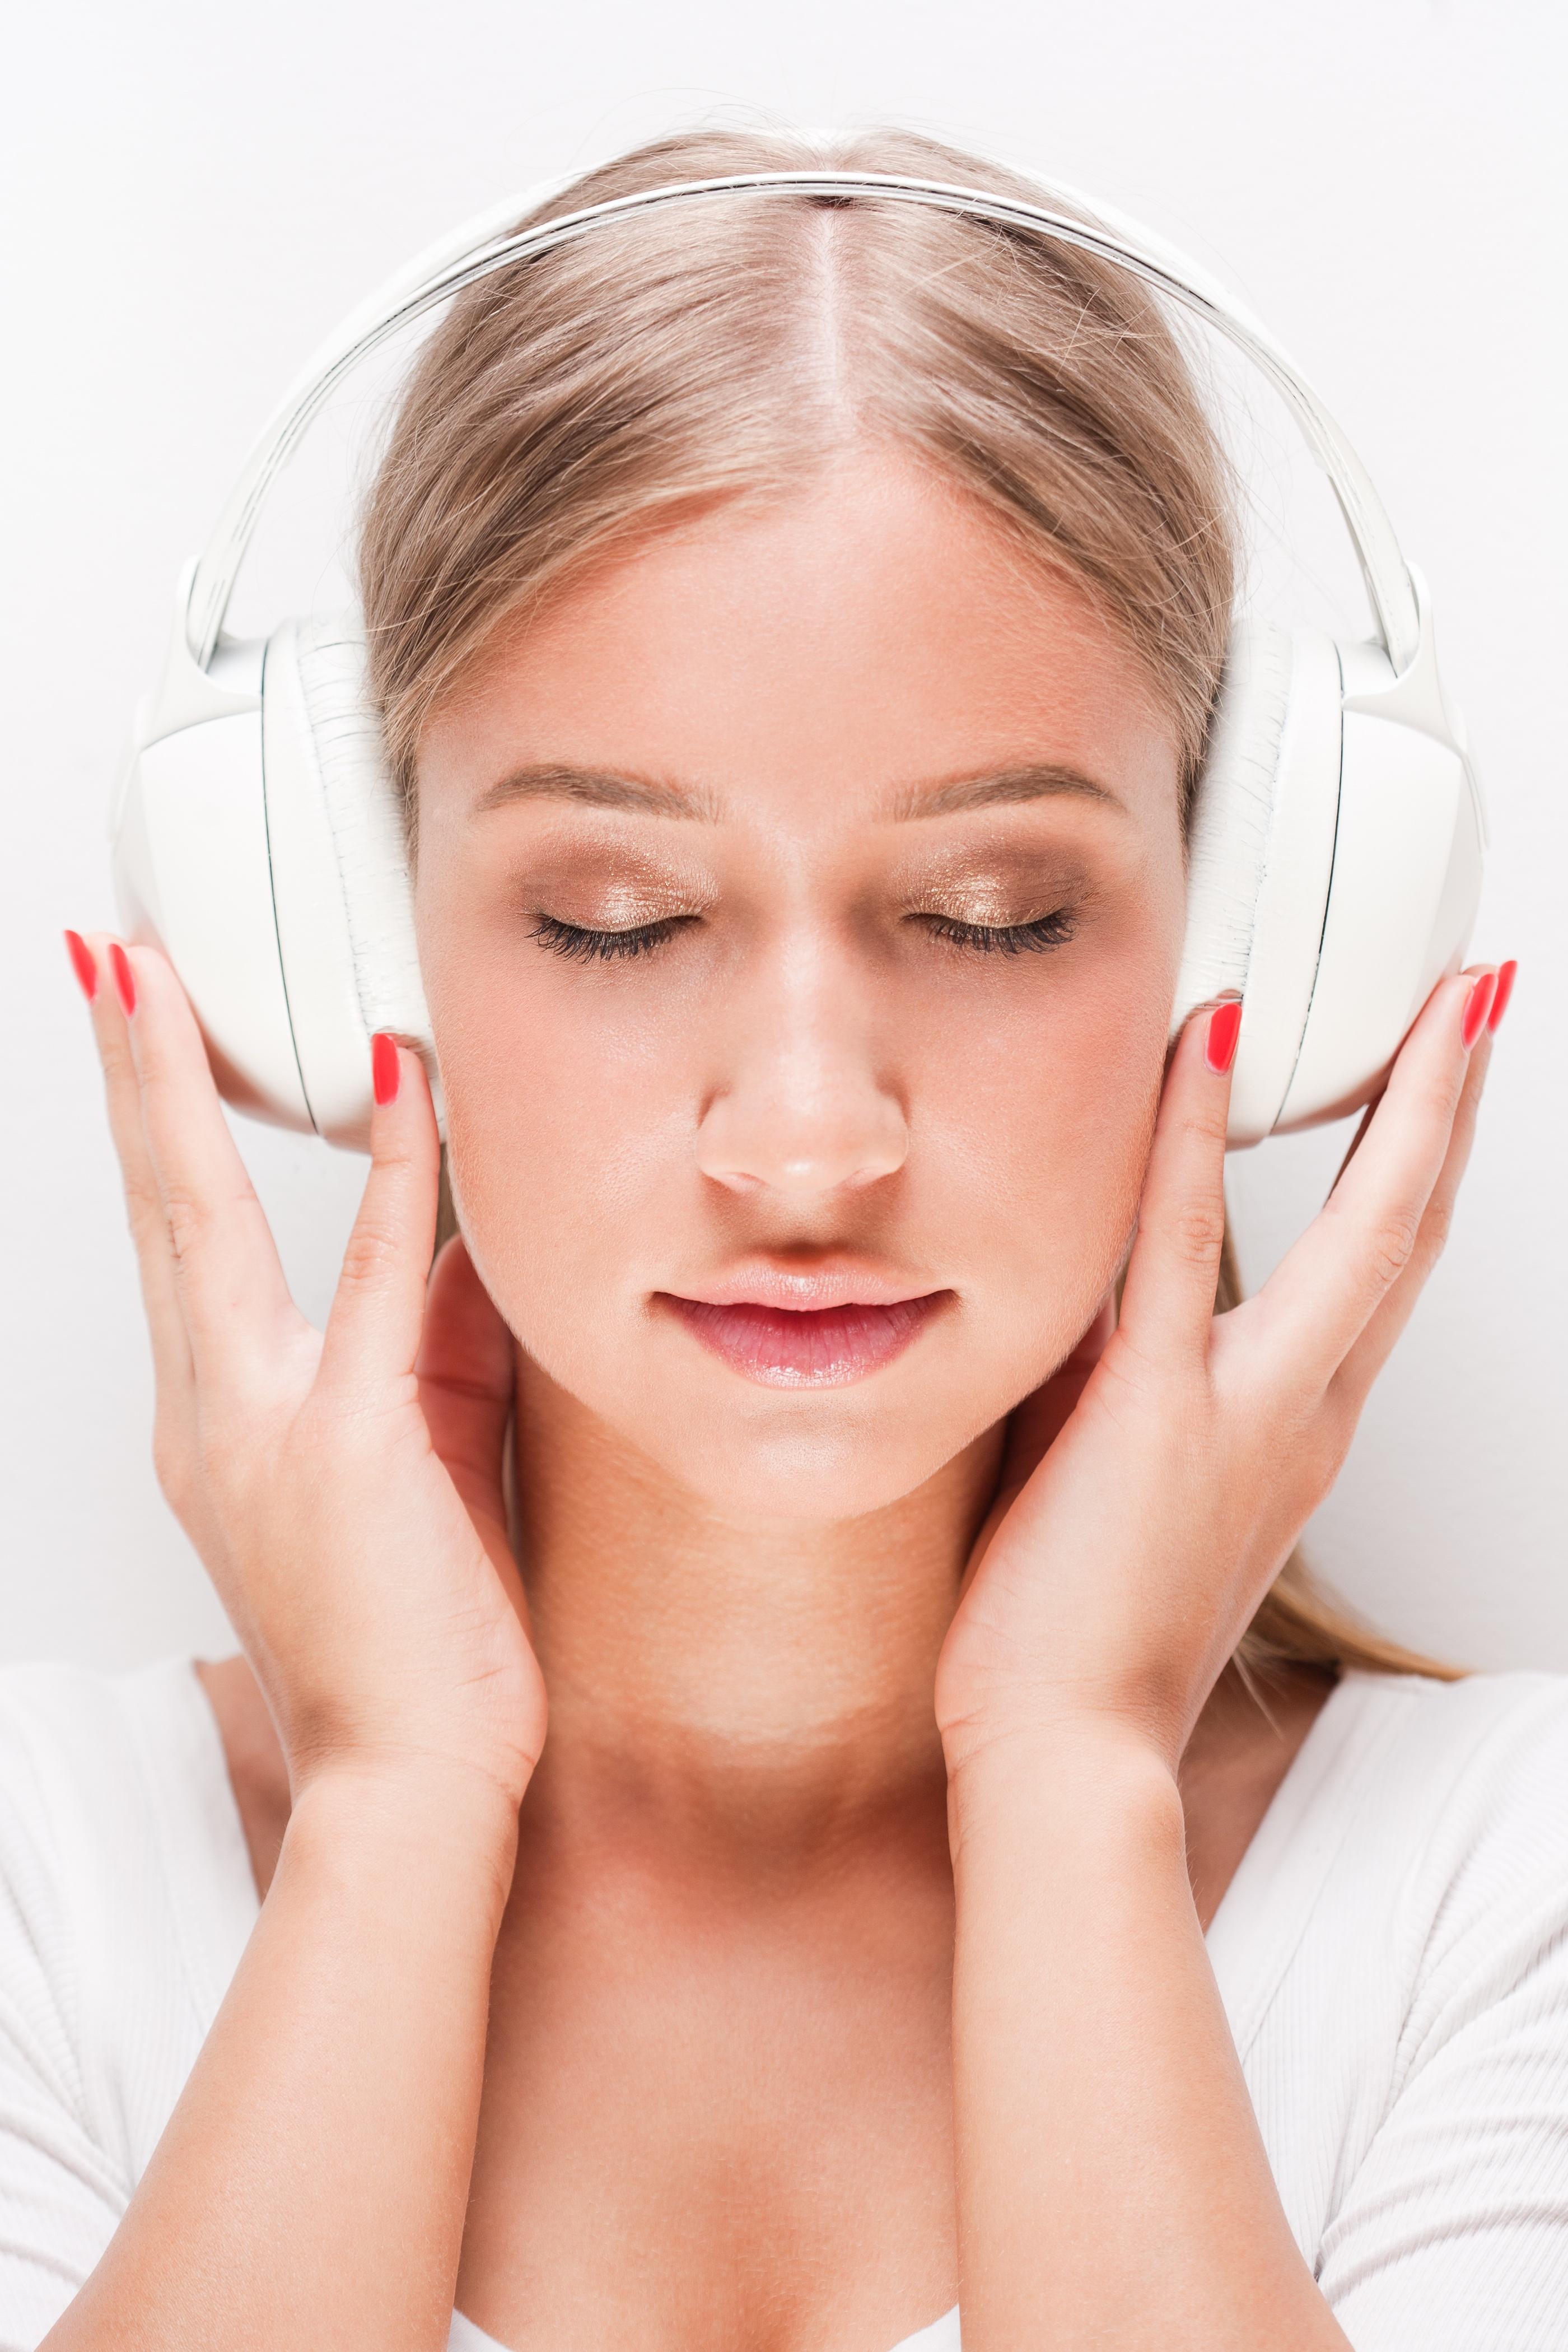 girl_with_white_headphones.jpg